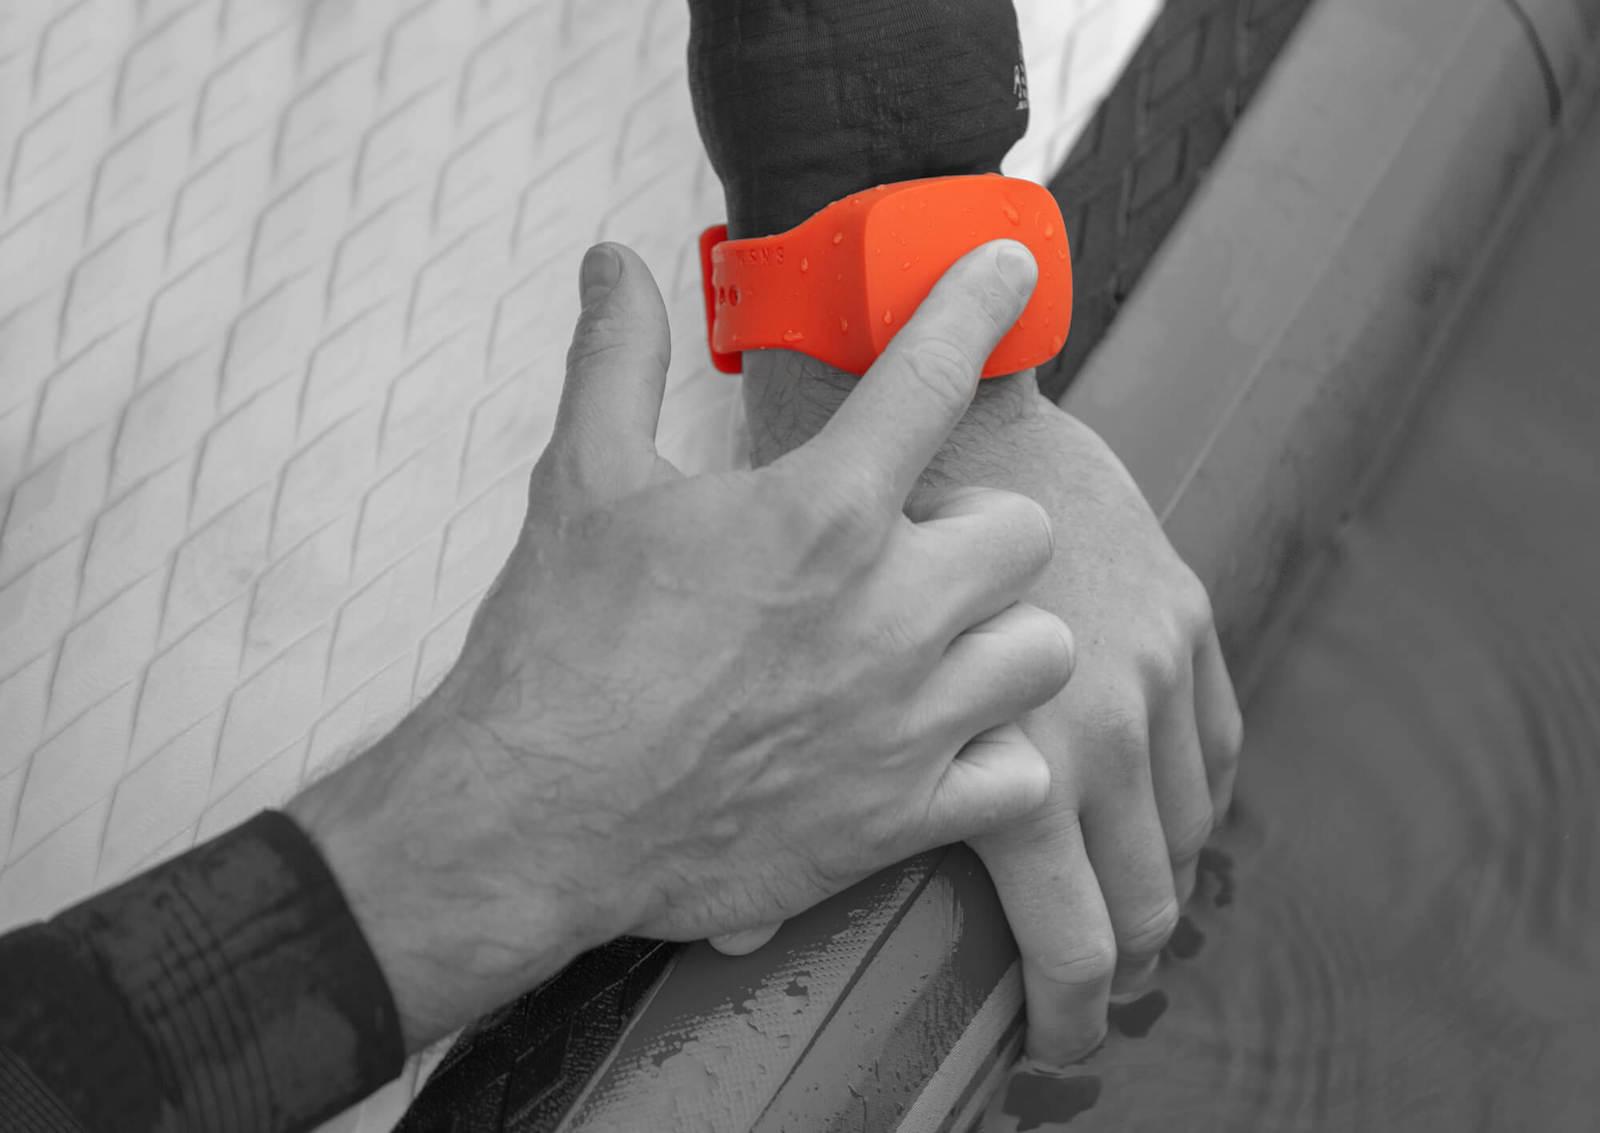 Voděodolný náramek funguje jako nouzový pomocník pobřežní hlídky